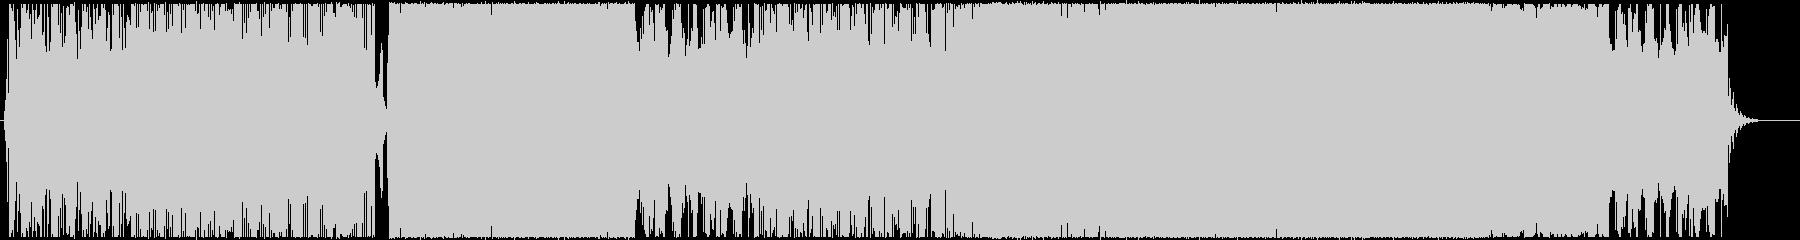 希望-PV-爽やか-空-ポジティブ-爽快の未再生の波形